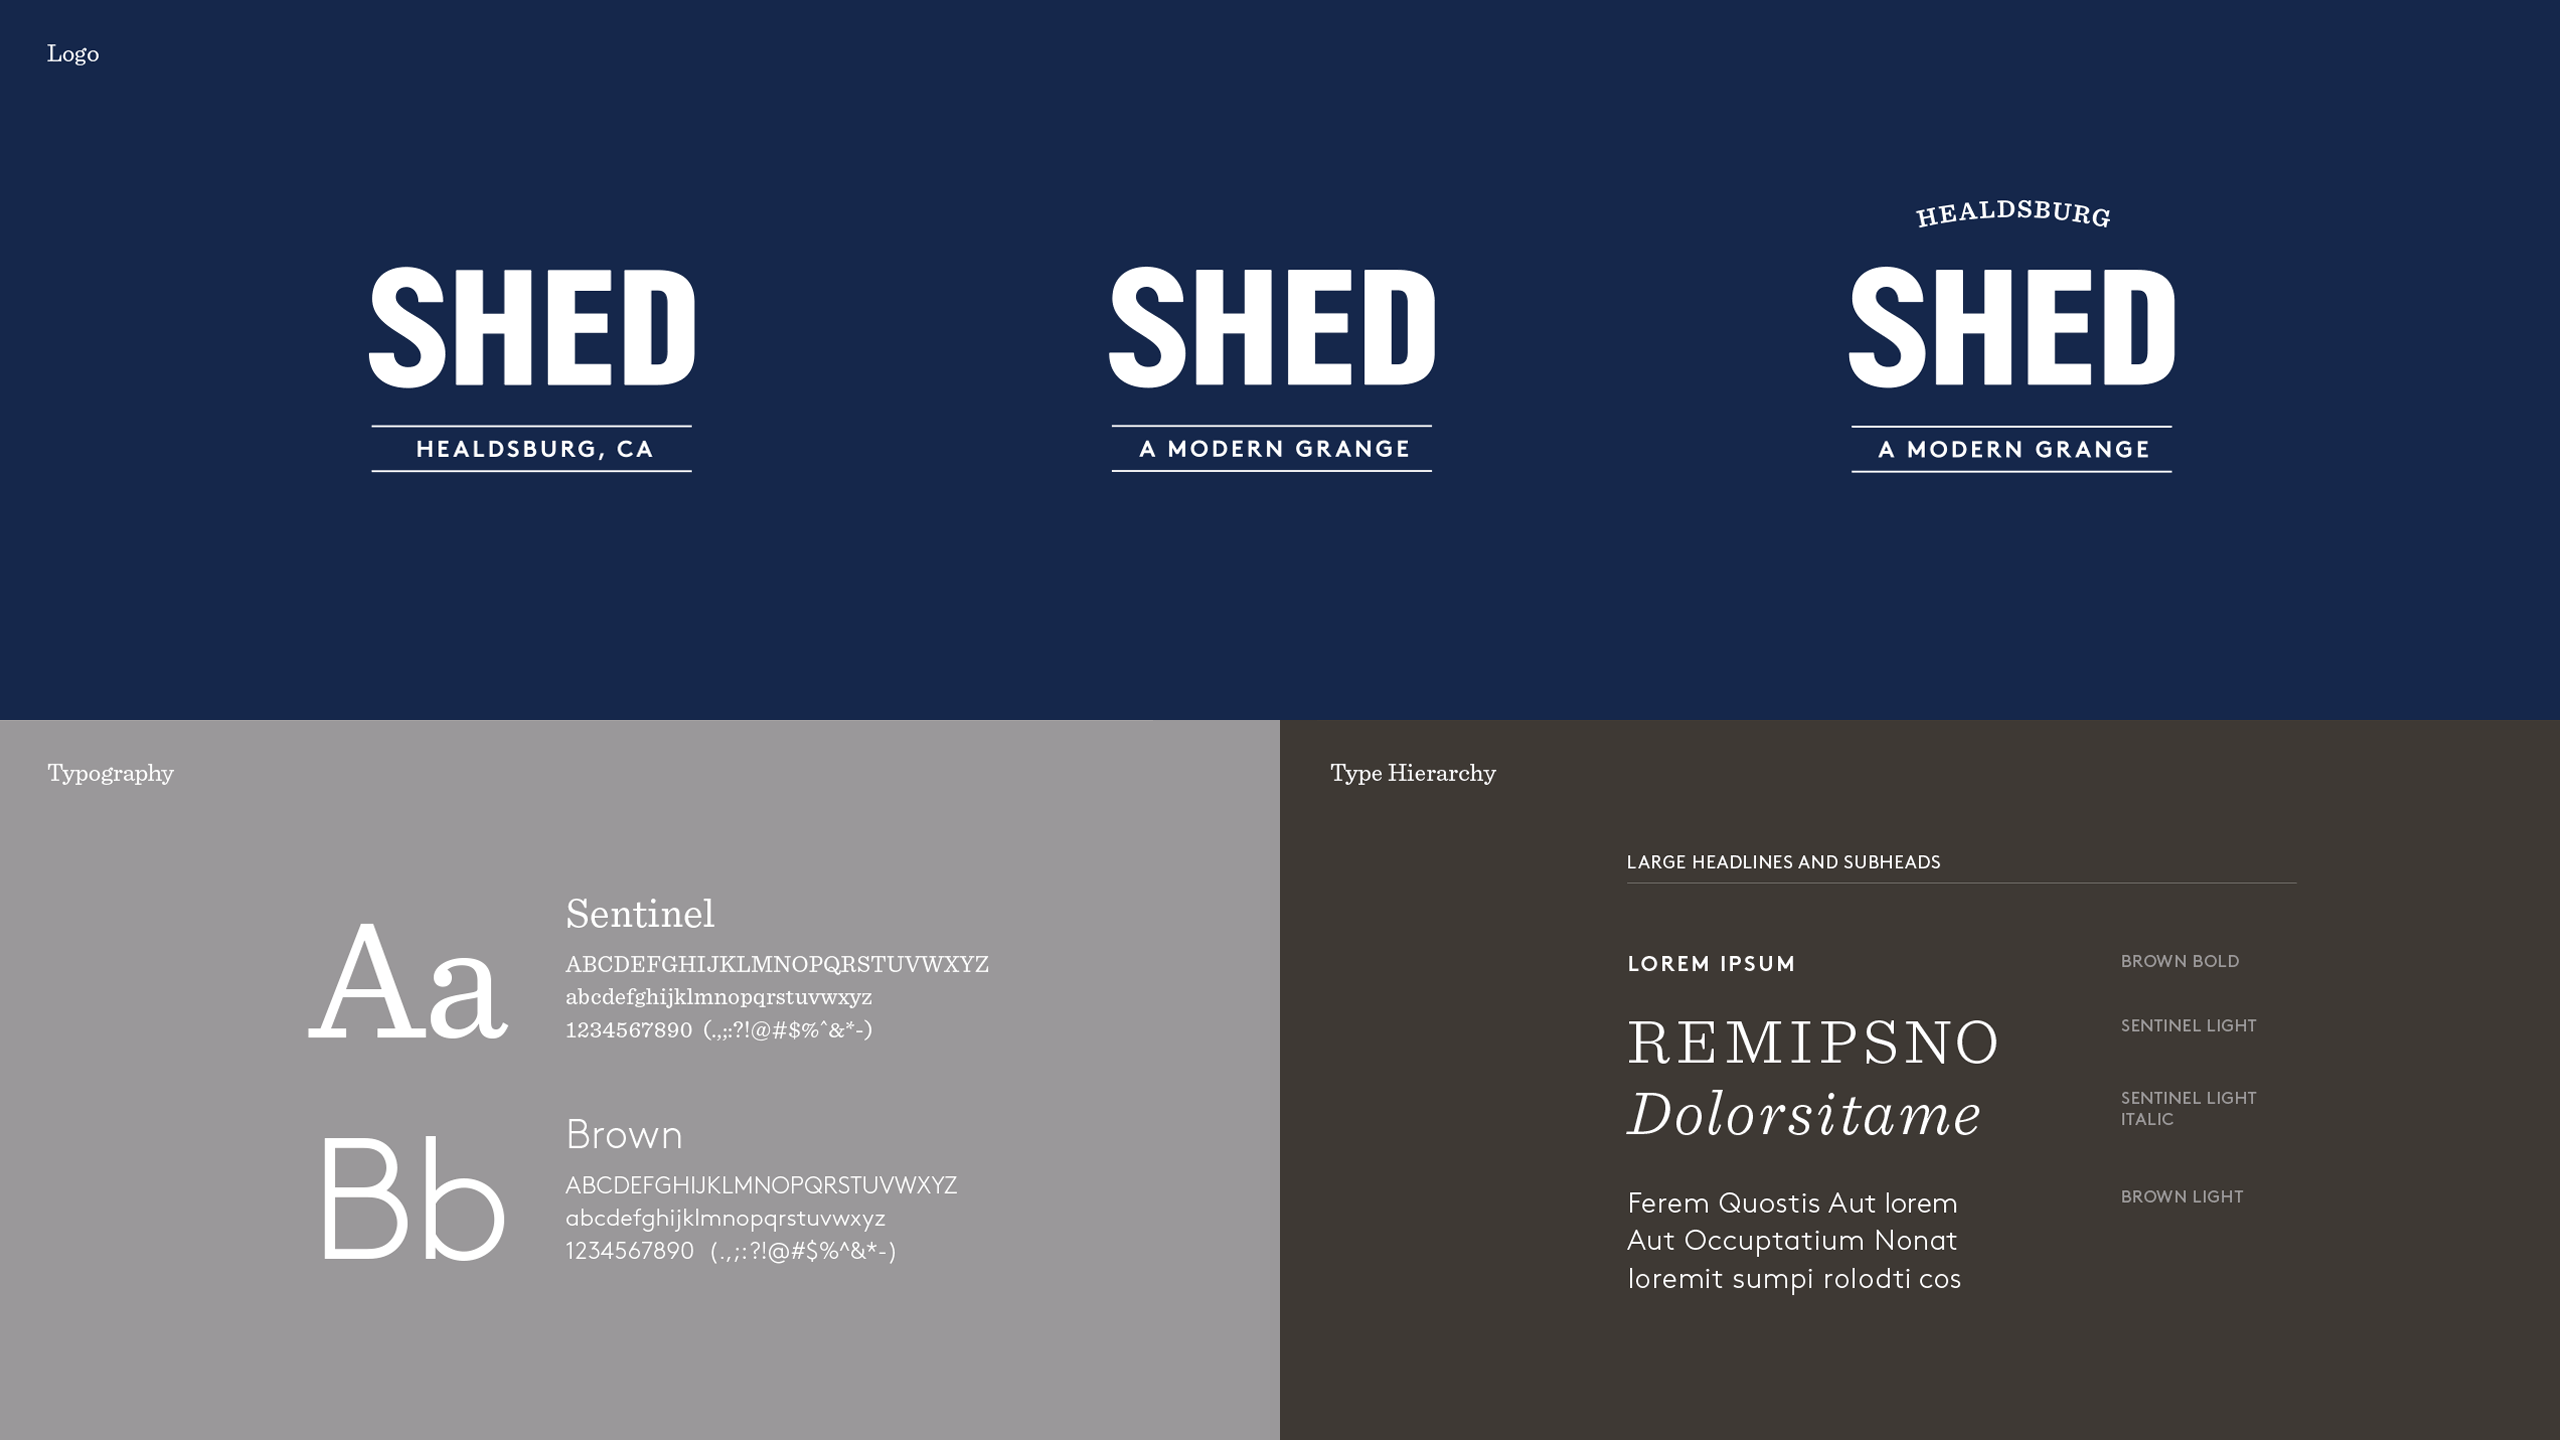 SHED Brand Refresh Identity System